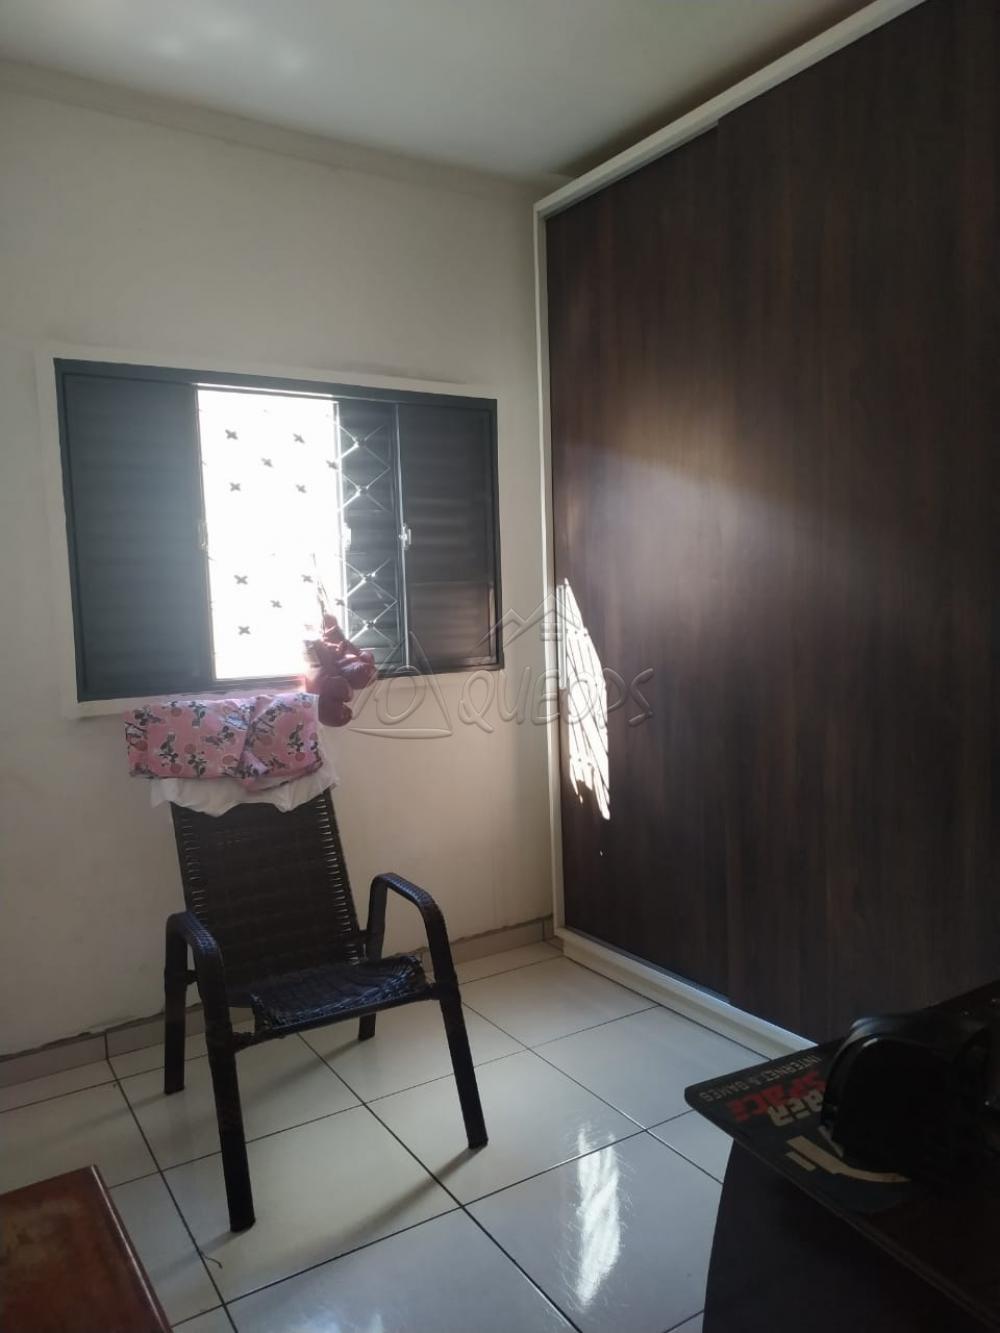 Comprar Casa / Padrão em Barretos apenas R$ 280.000,00 - Foto 7